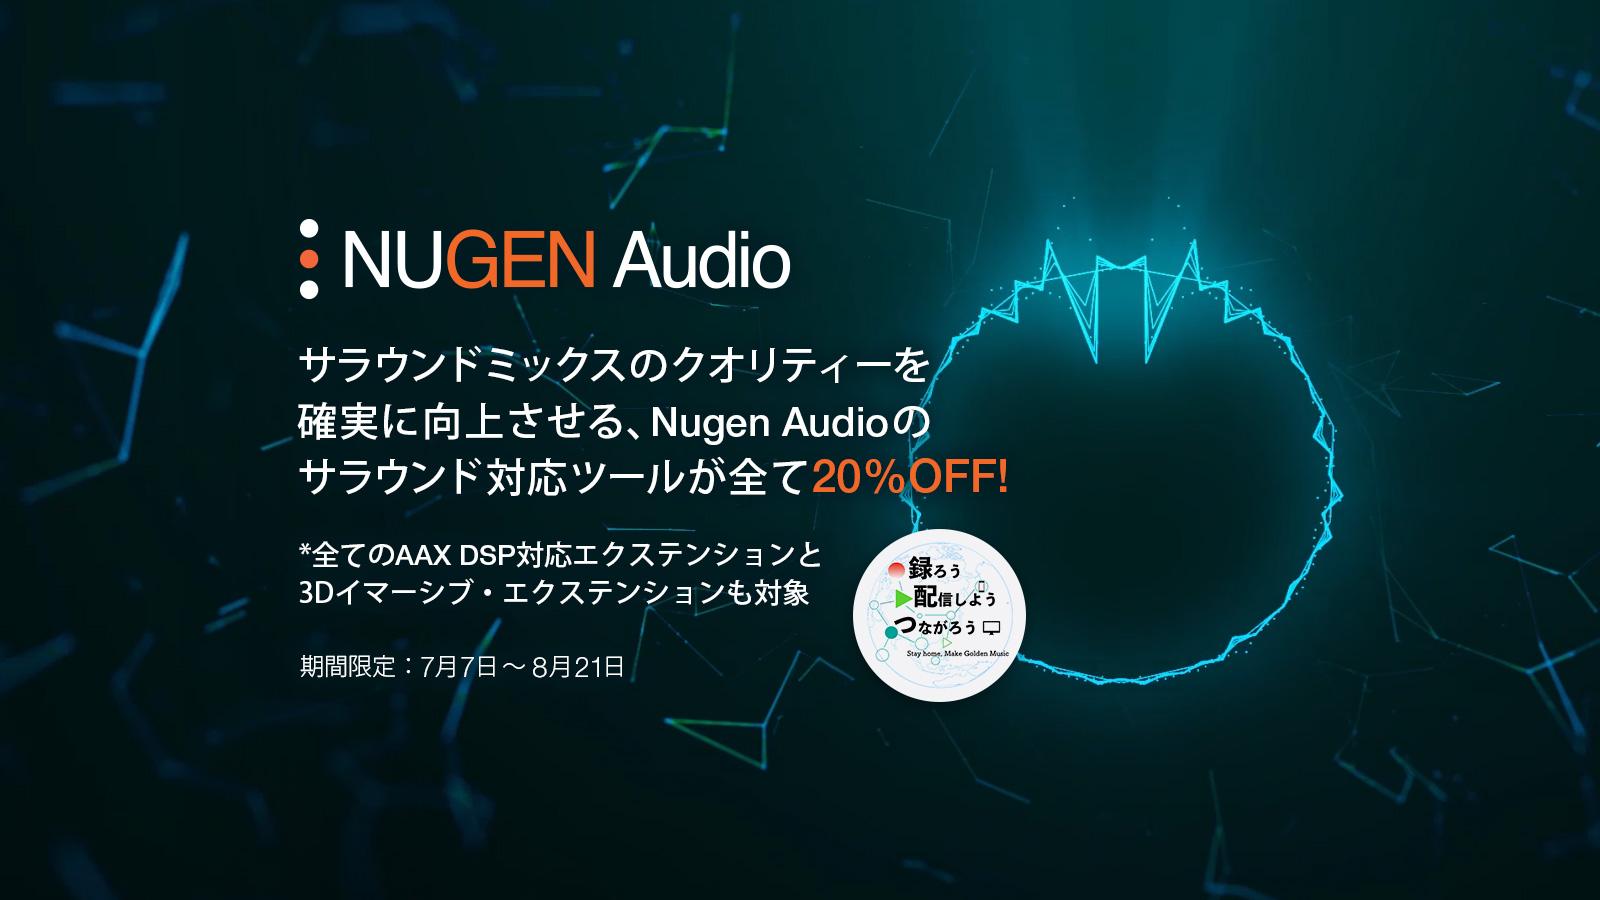 サラウンドミックスを向上させる!Nugen Audio Surround プラグインプロモーション